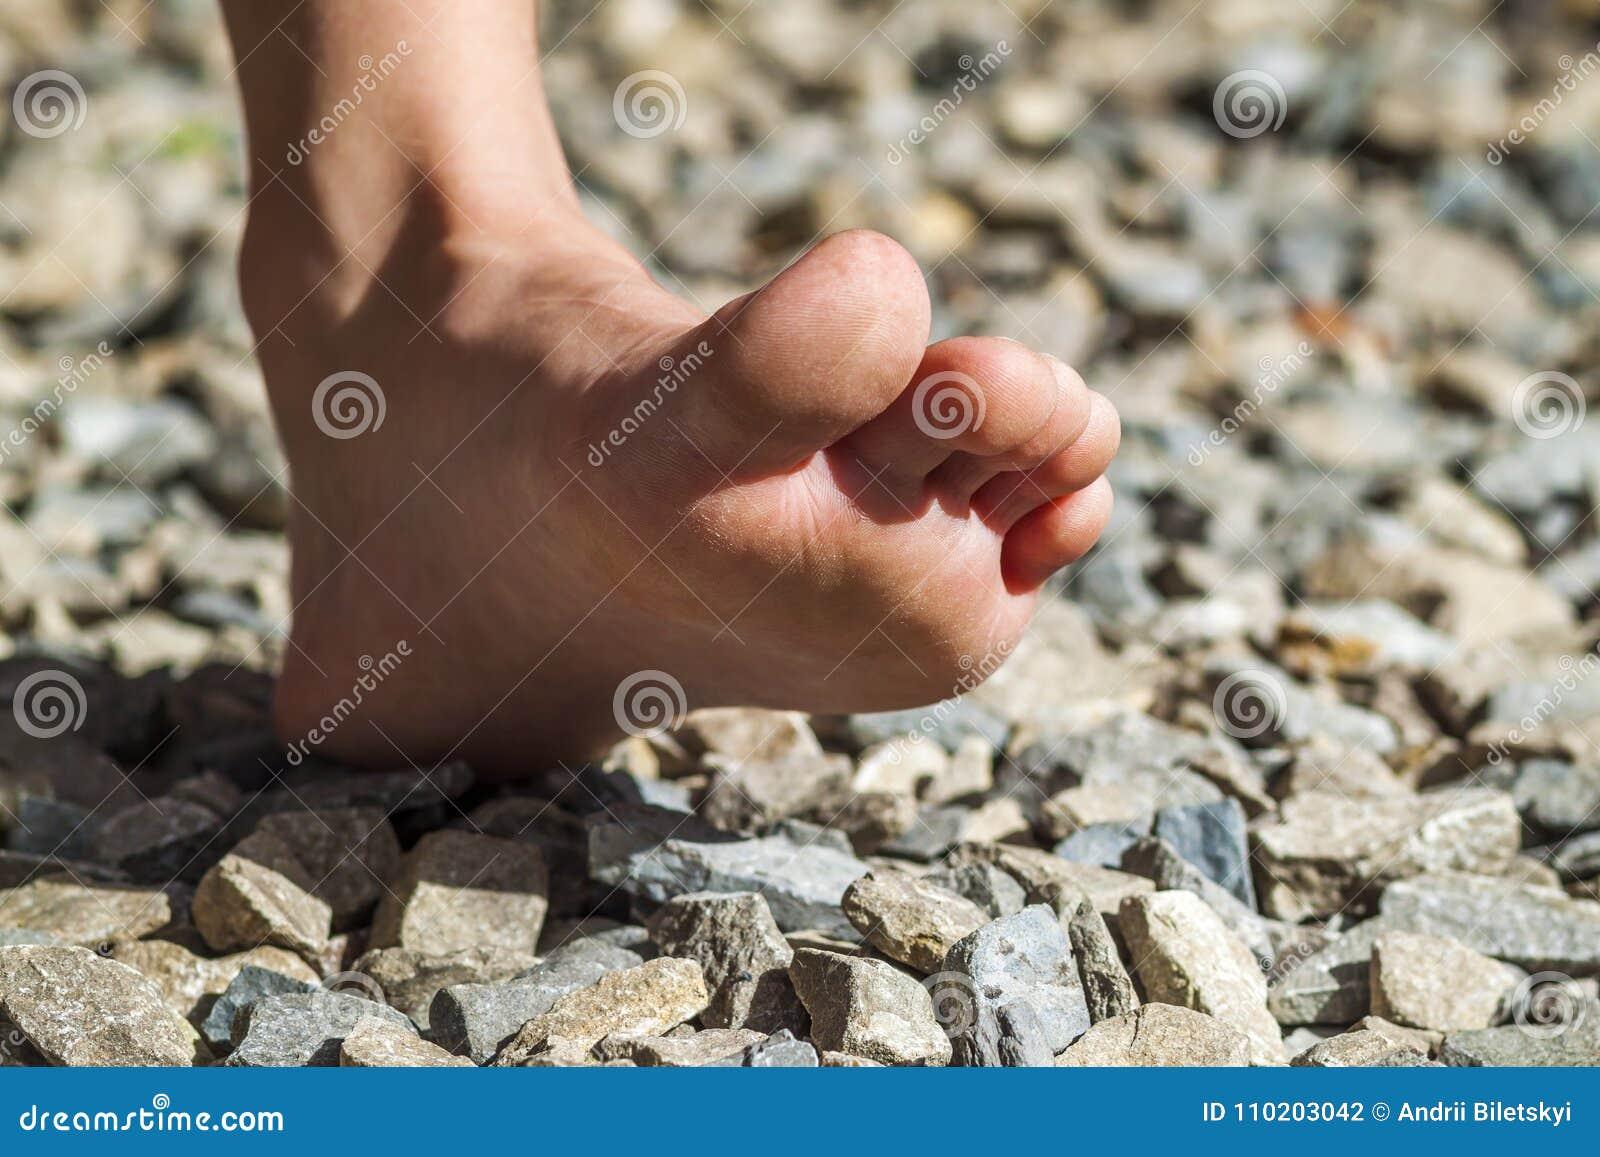 Zakończenie nagiej stopy odprowadzenie aktywność na kamieniach, outdoors